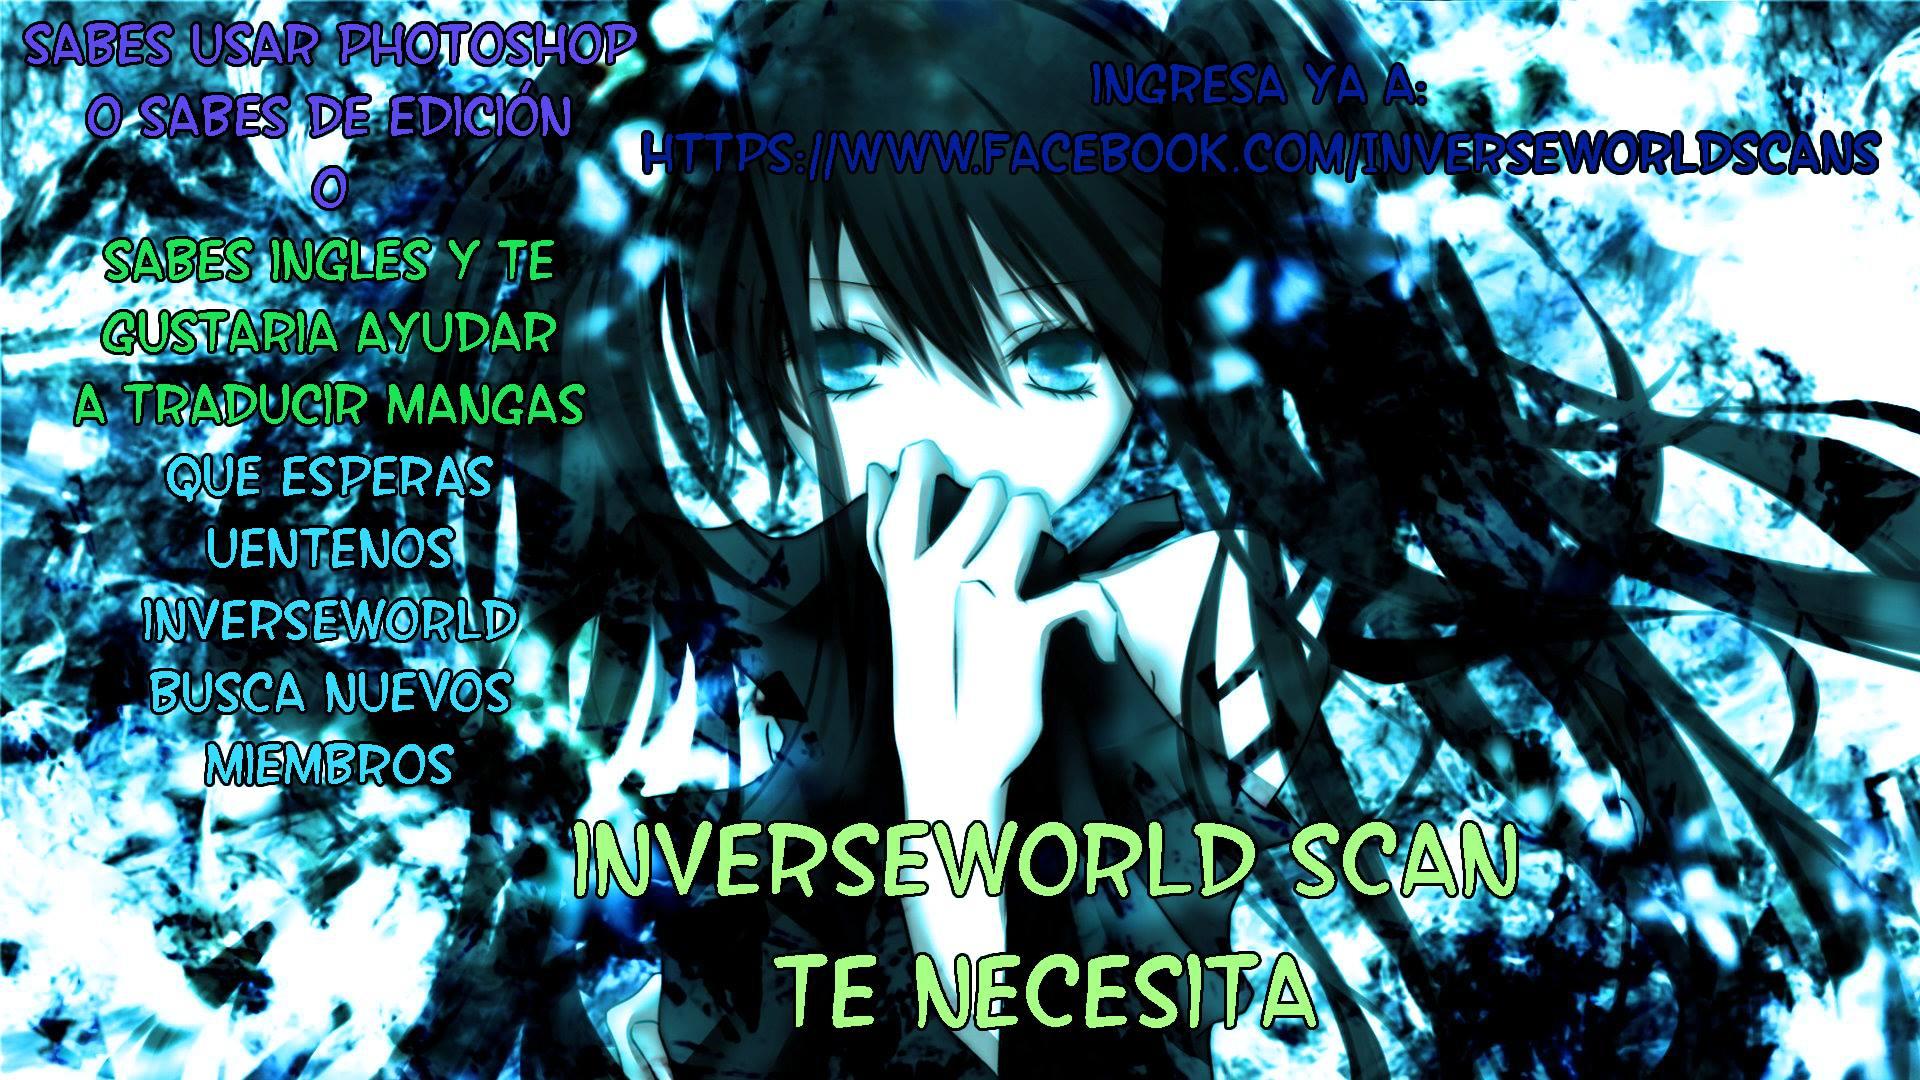 https://c5.mangatag.com/es_manga/18/16210/415308/dea9a62e511f0f63d7b73e2553b7269e.jpg Page 1